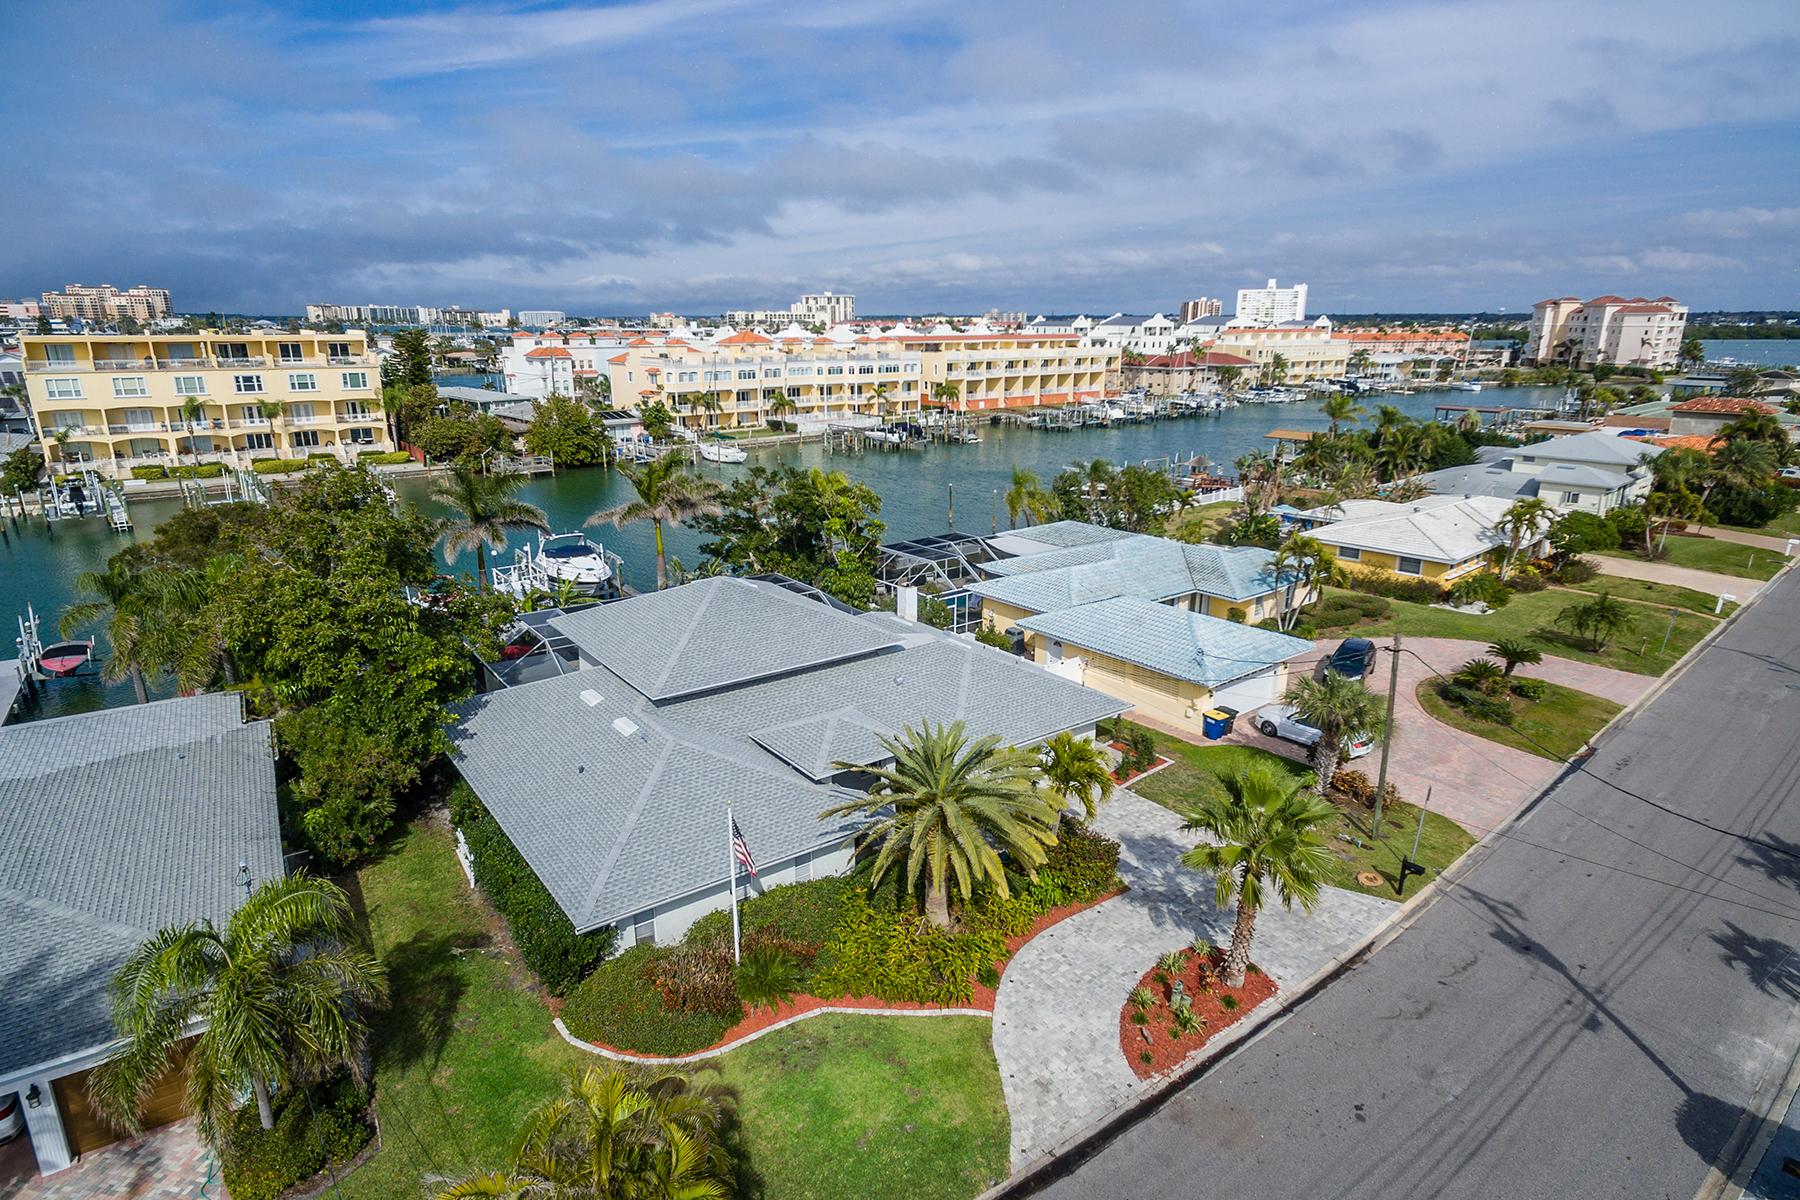 단독 가정 주택 용 매매 에 CLEARWATER BEACH 130 Bayside Dr, Clearwater Beach, 플로리다, 33767 미국